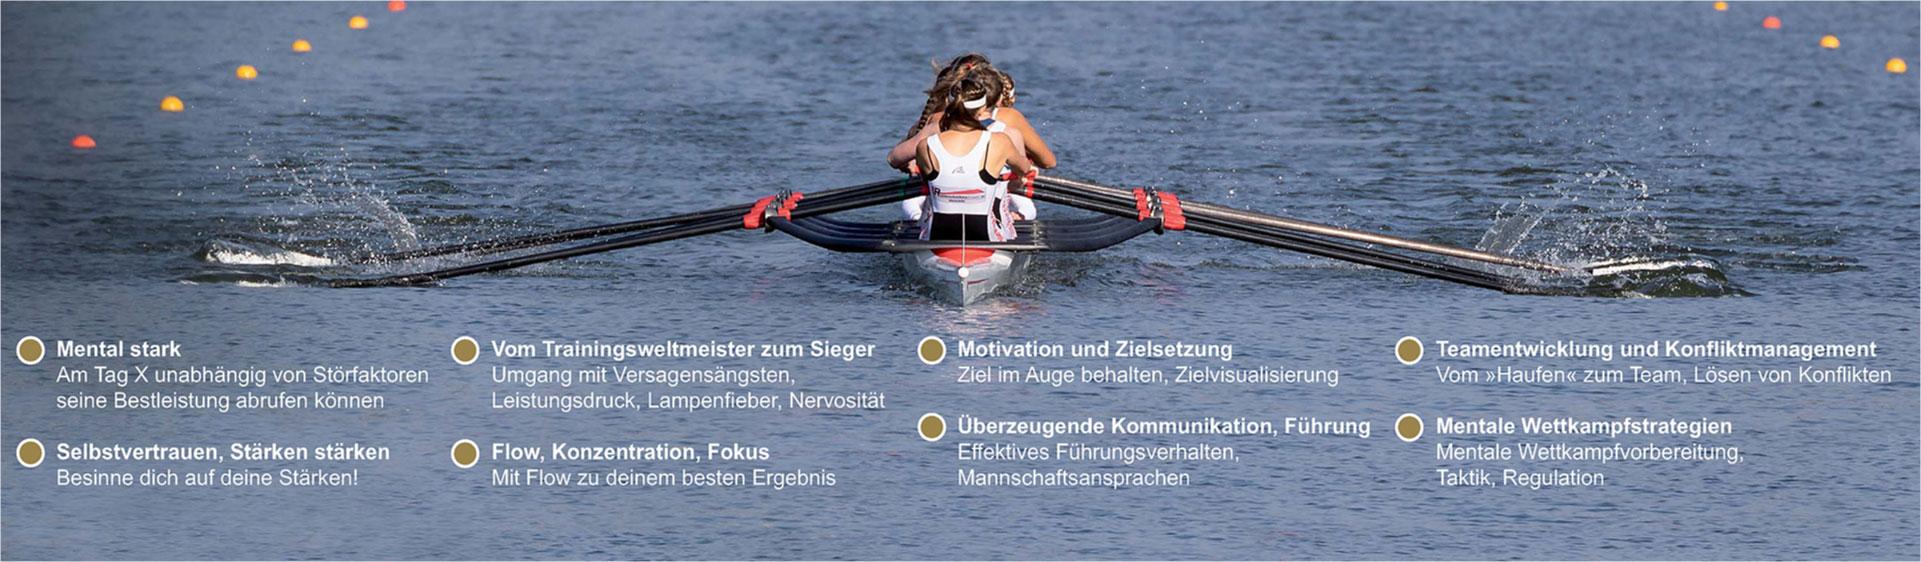 Ausbildung Sport Mental Coach, ECA, Advanced - Antje Heimsoeth